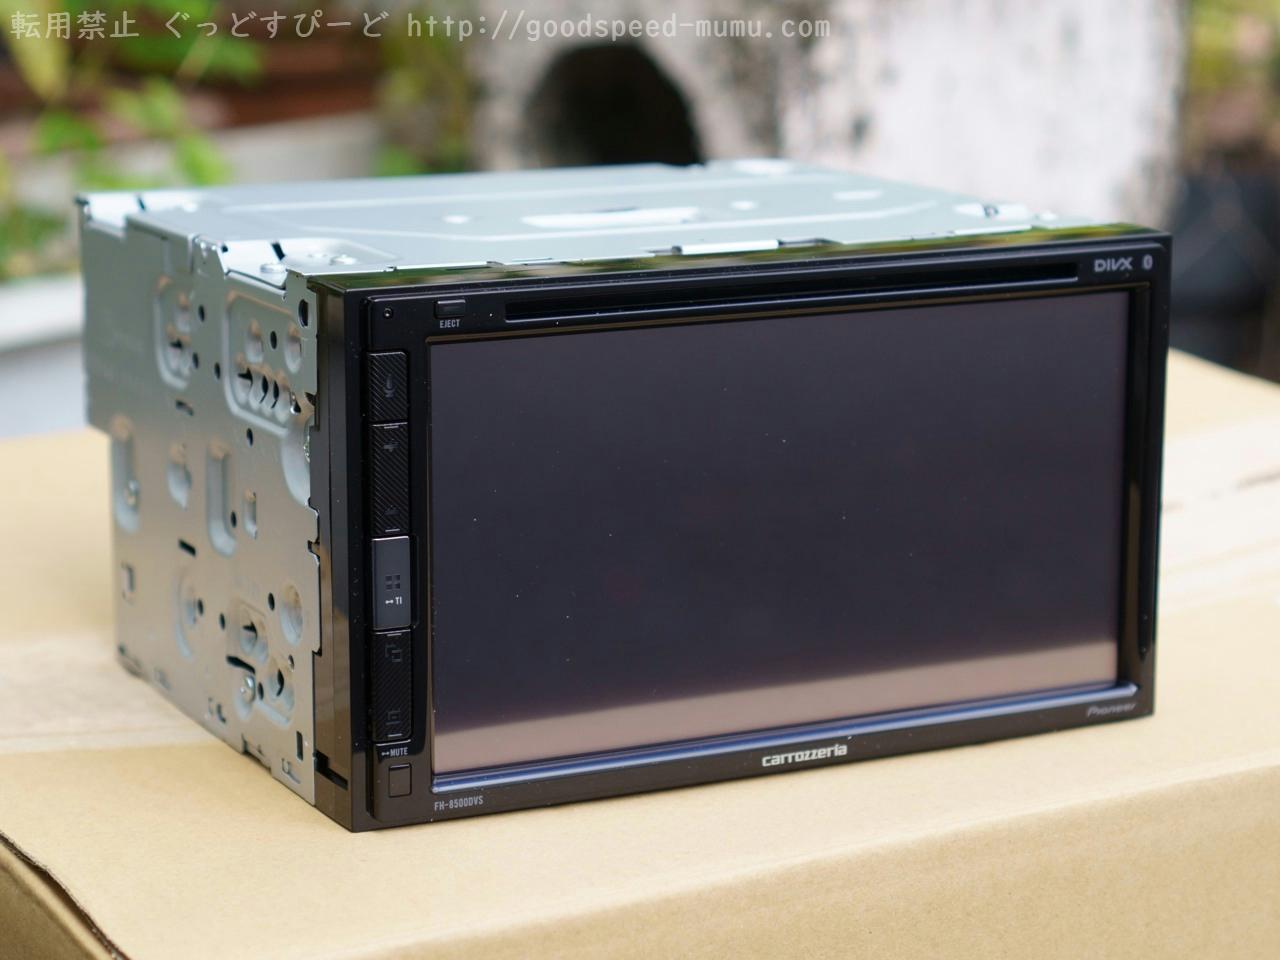 200系ハイエース4型 ディスプレイオーディオとバックカメラ取り付け